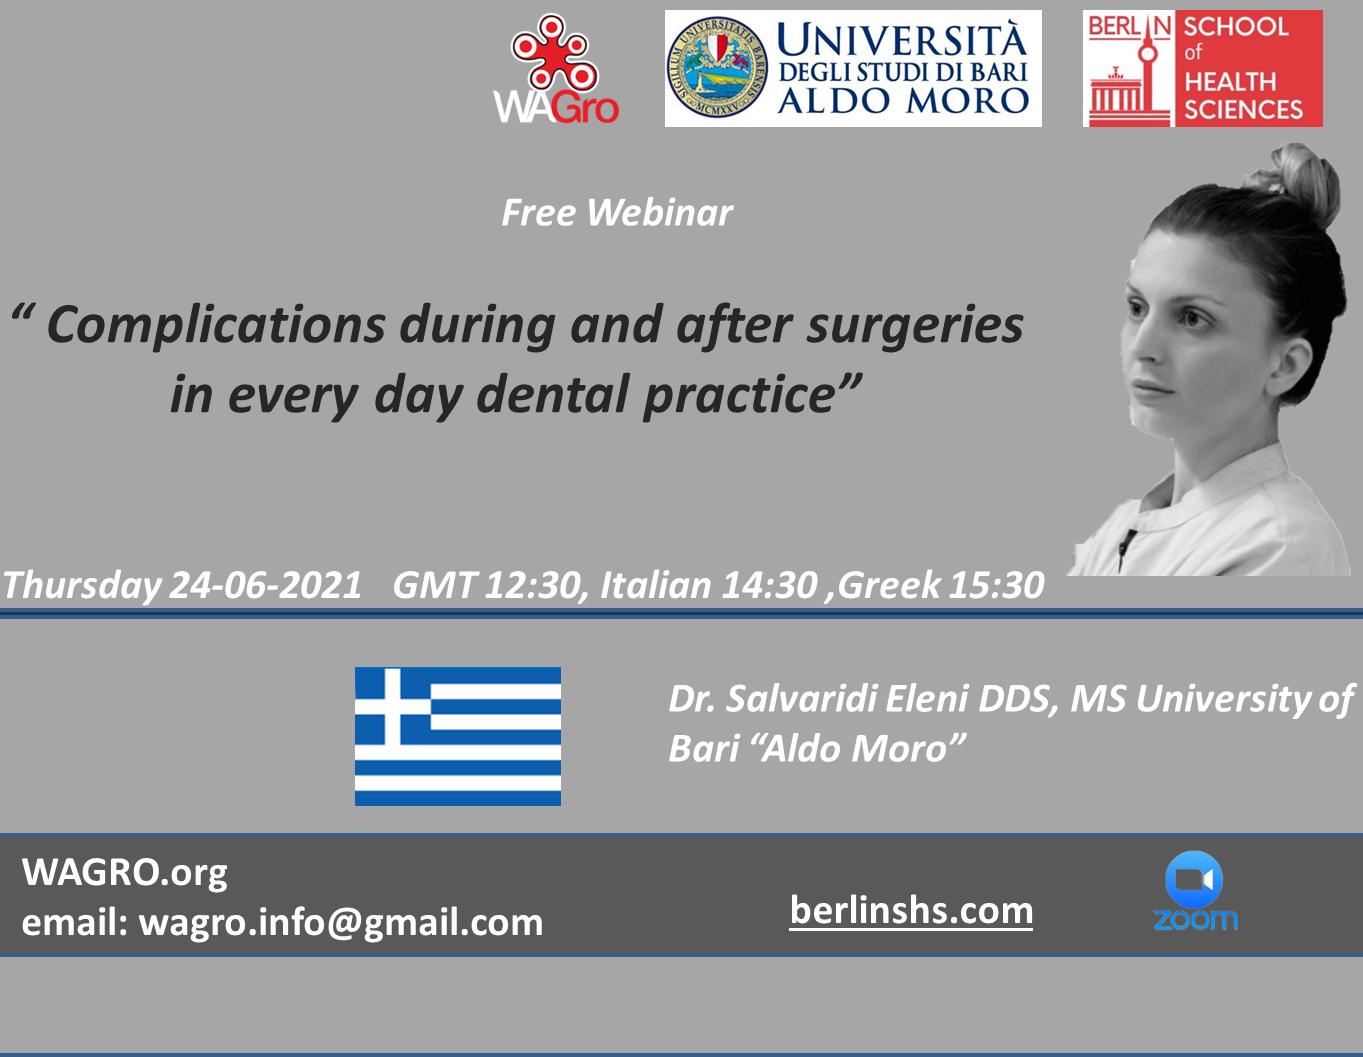 Εισήγηση: Complications during and after surgeries in everyday dental practice.